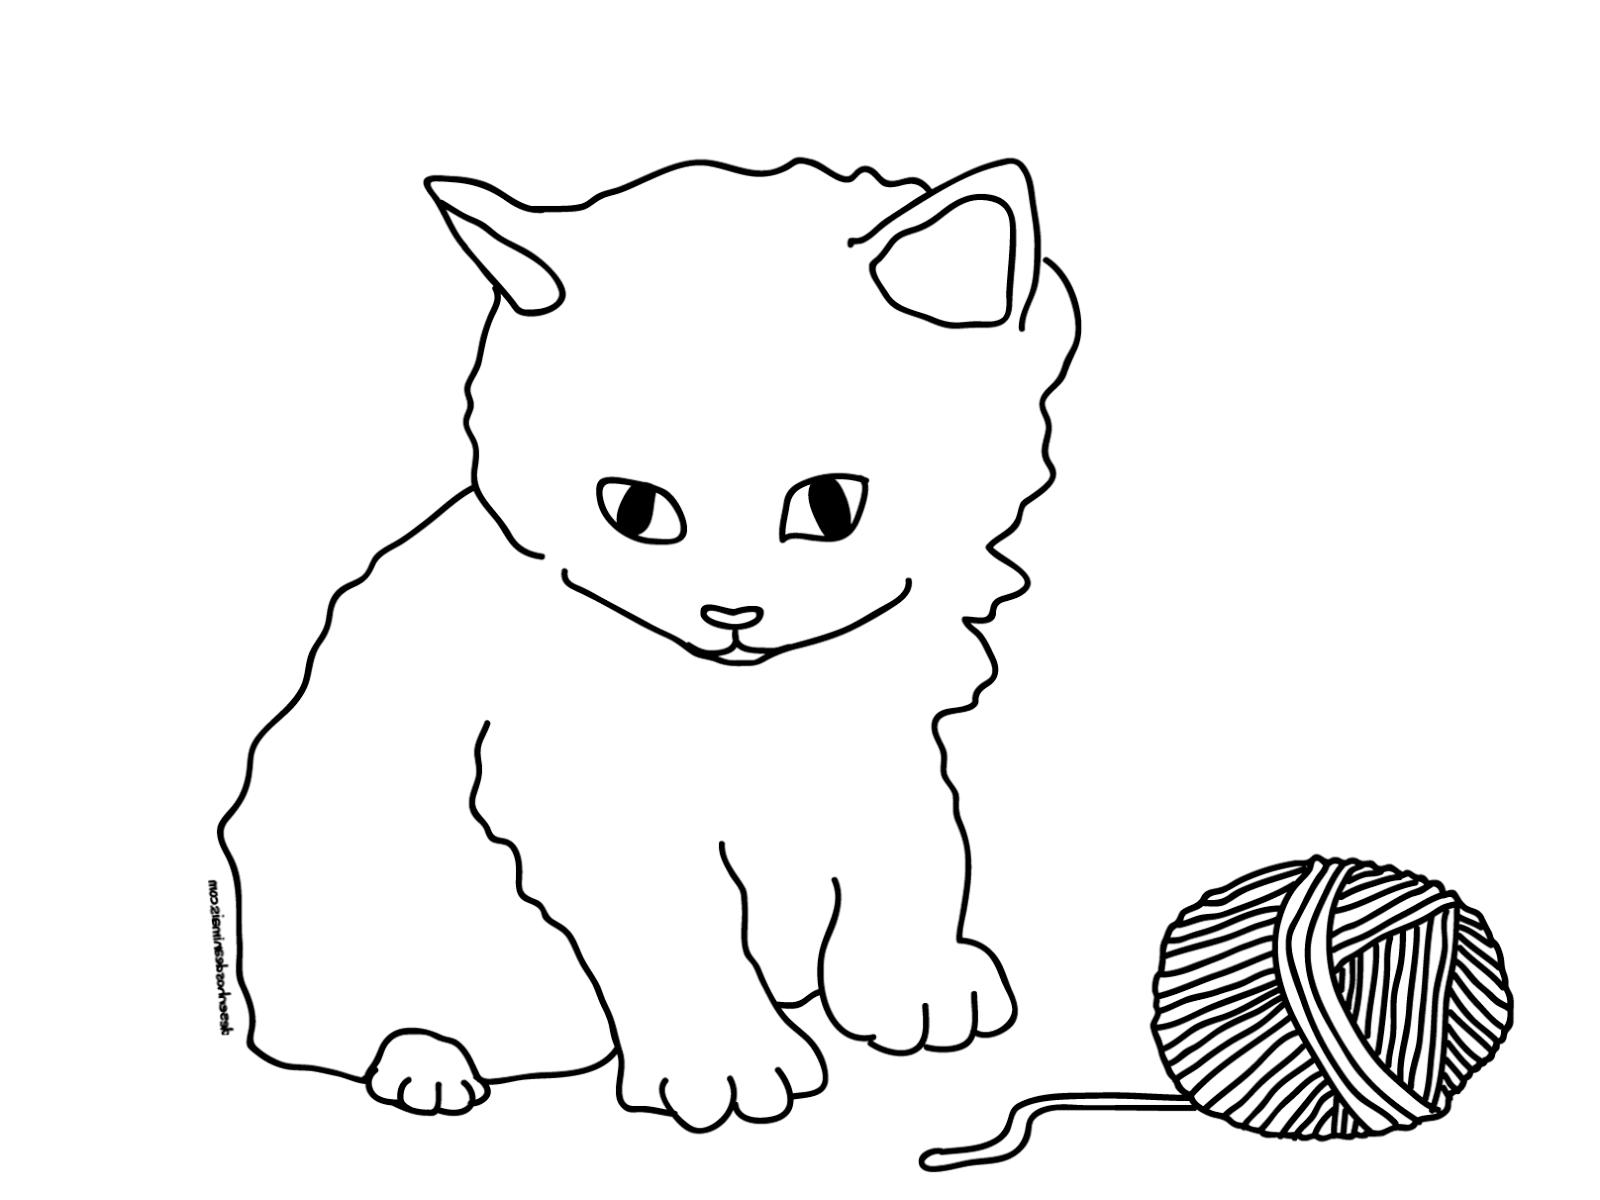 Sie zeigen Ausmalbilder Katzen Zum Ausdrucken Hunderte von wunderbaren Malvorlagen Einmalige Ausmalbilder Sicher fƒ¼r Kinder Drucken Sie beliebtesten